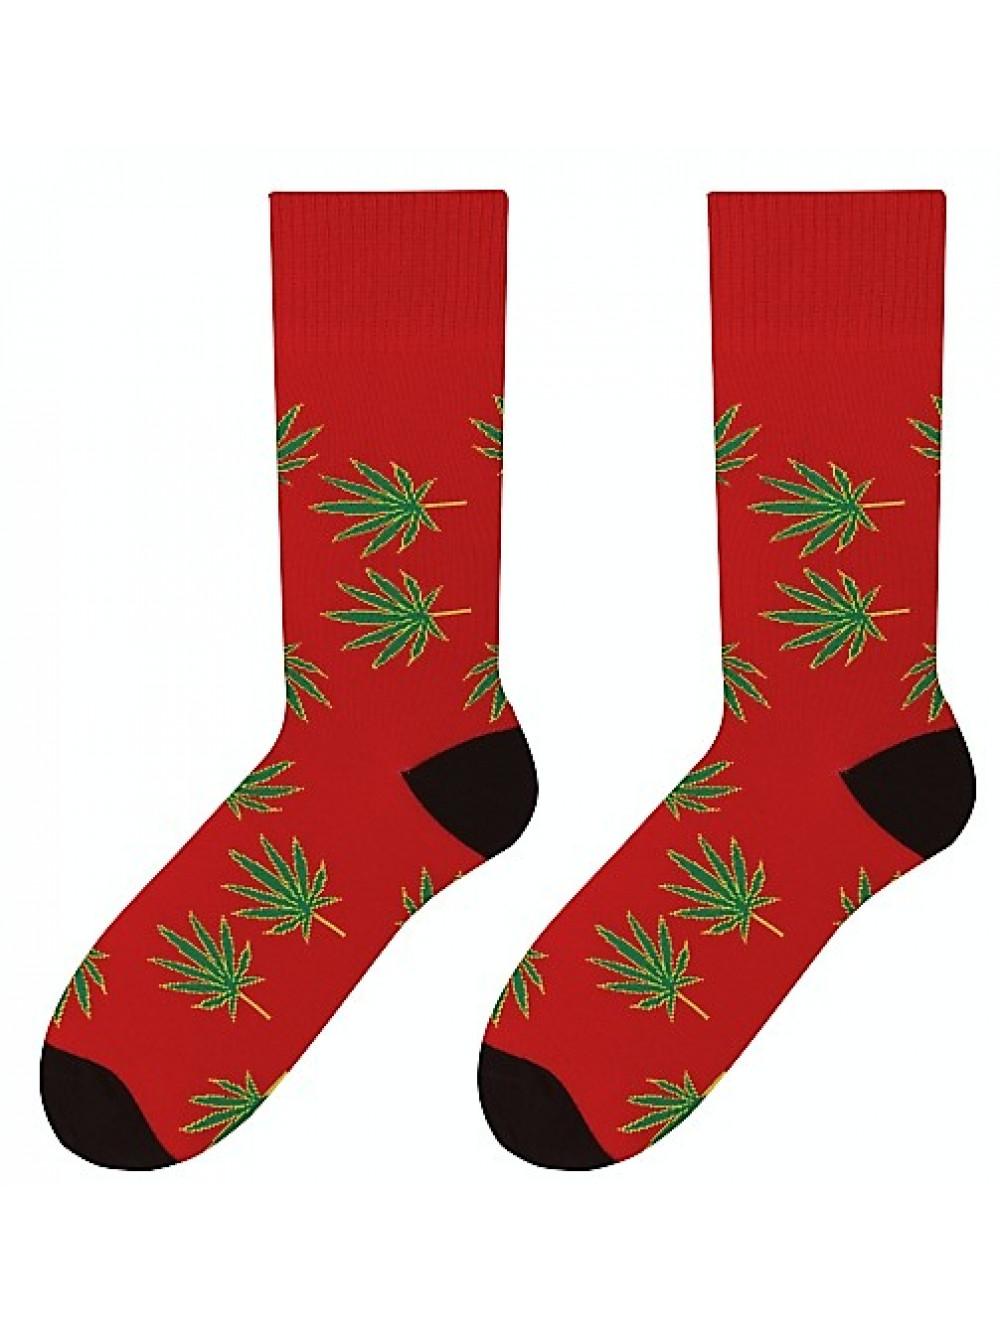 61218c4c0 Ponožky Marihuana More červené